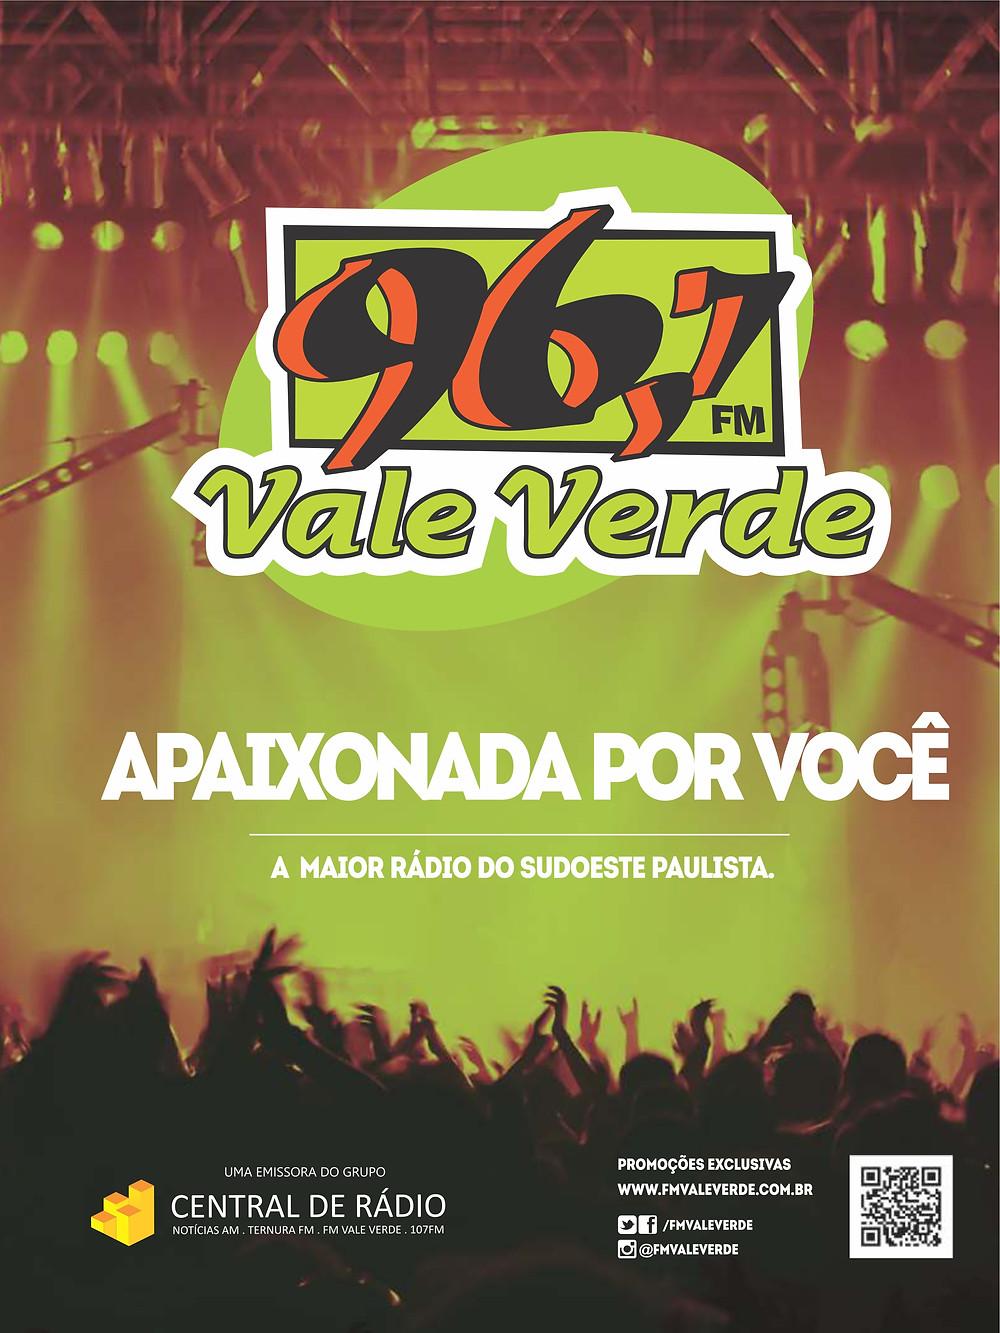 FM Vale Verde, apaixonada por você! Anúncio na Revista Top da Cidade, Edição 54, em Itapetininga